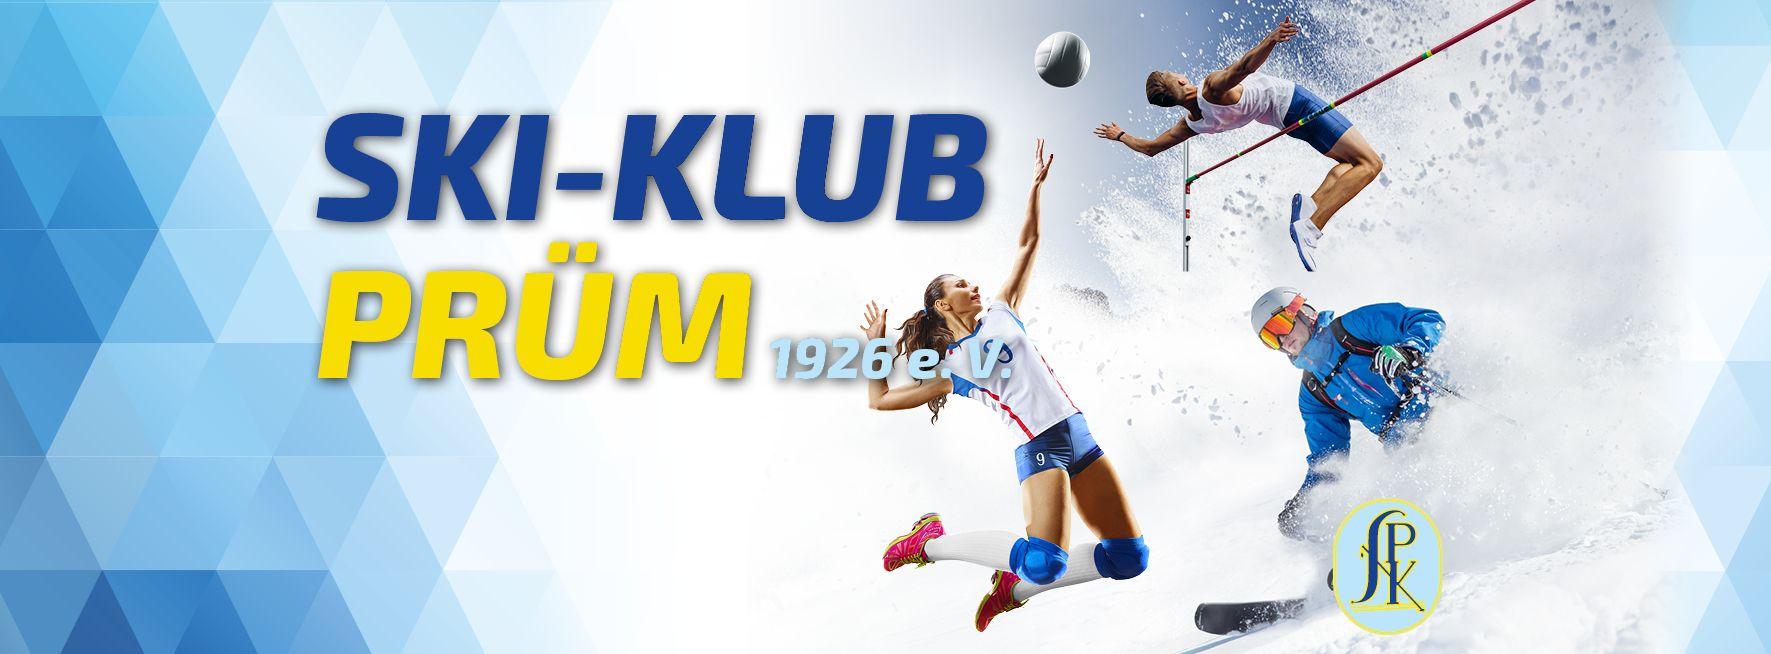 Sportstätten | Ski-Klub Prüm 1926 e. V.